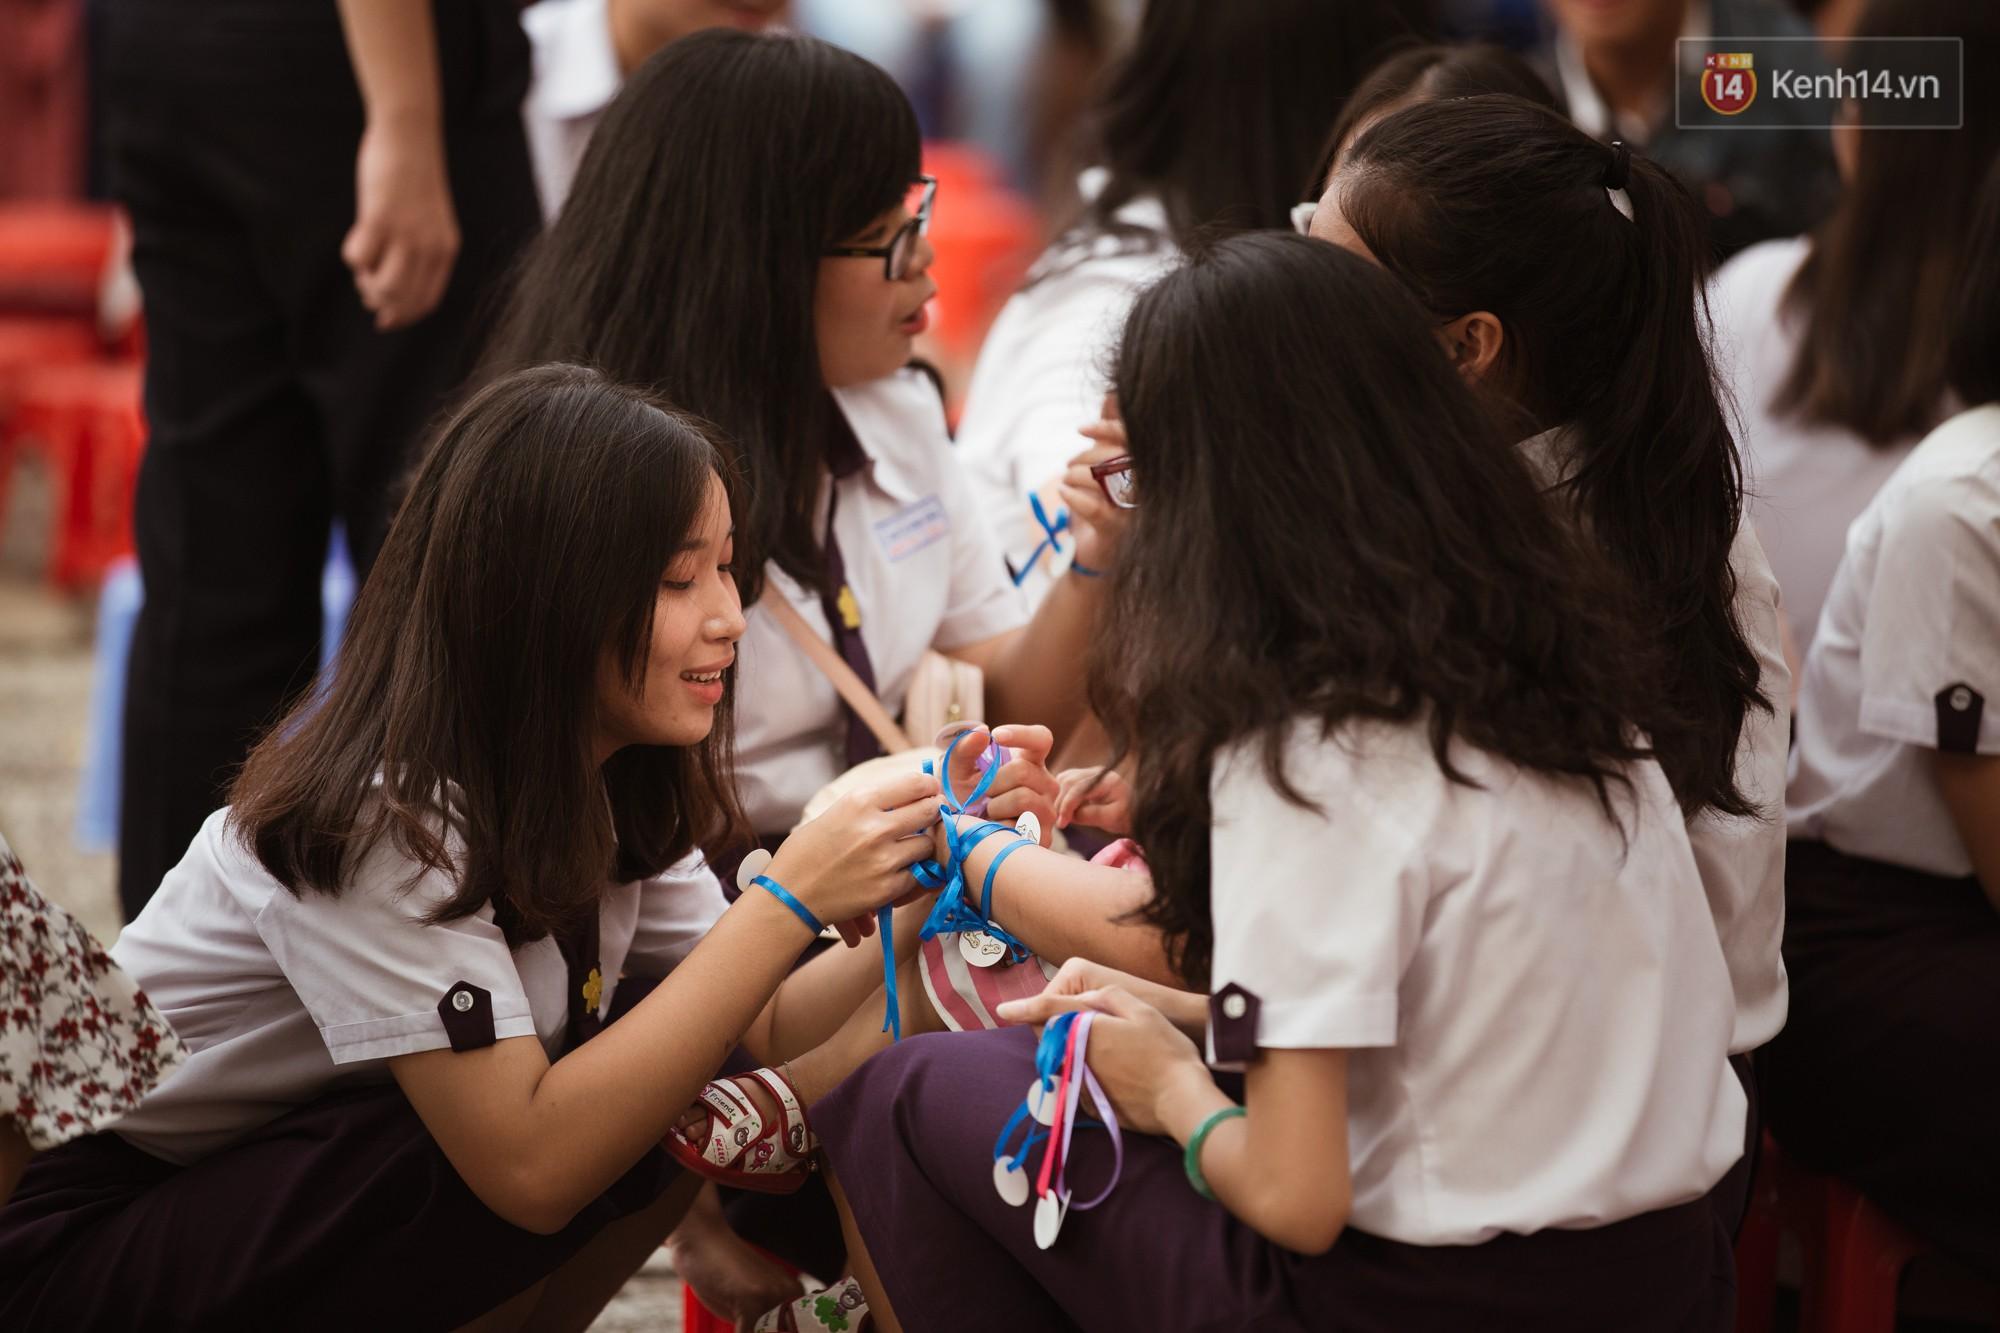 Ảnh 1: Học sinh trường Nguyễn Thị Minh Khai - We25.vn